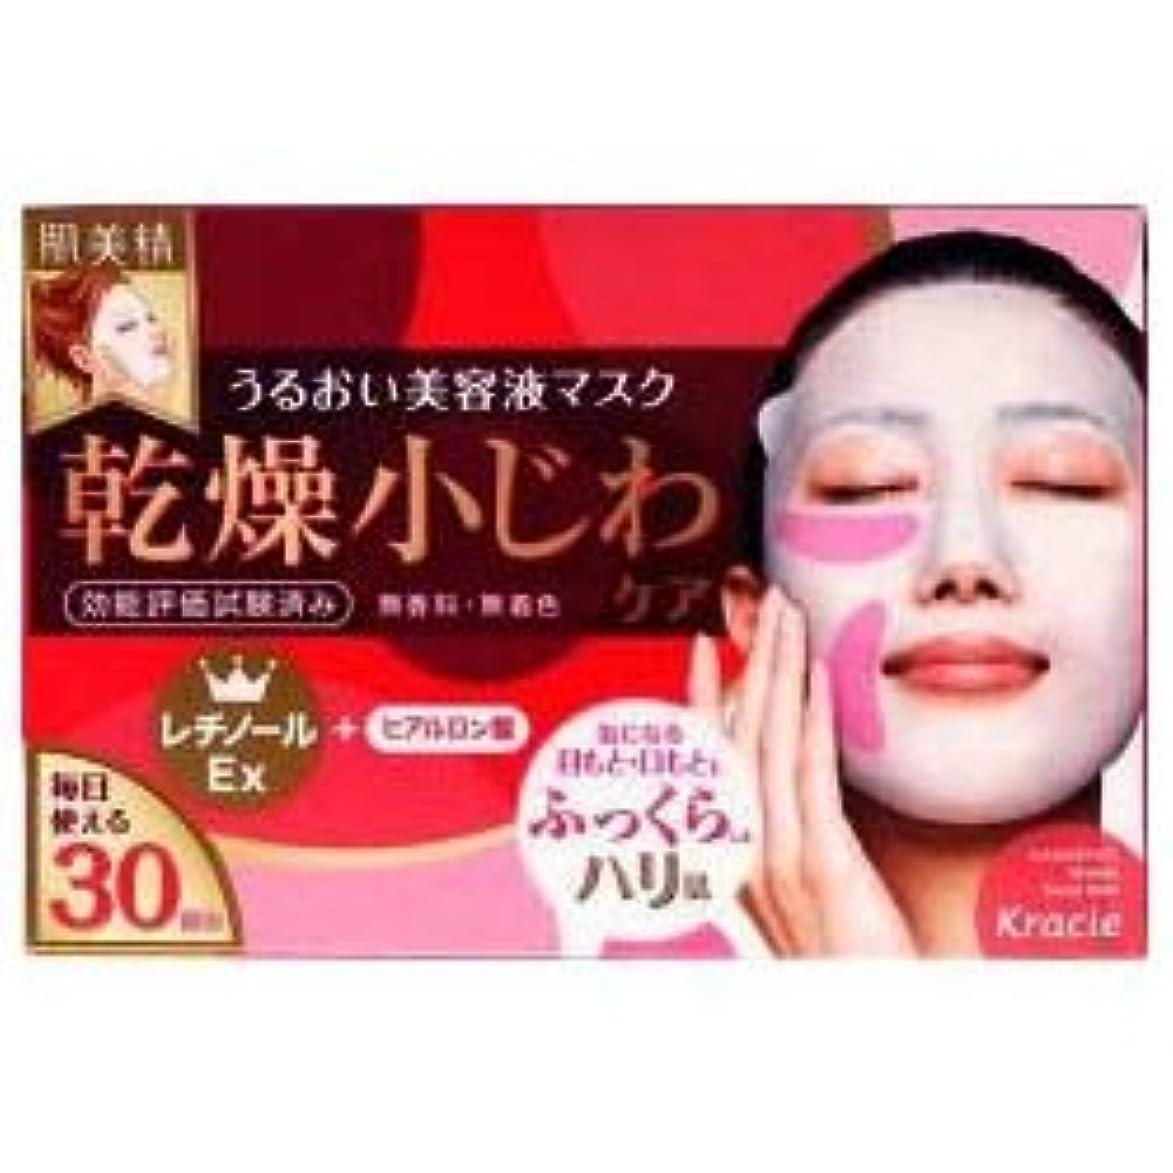 国歌若者ピジン【クラシエ】肌美精 デイリーリンクルケア美容液マスク 30枚 ×20個セット